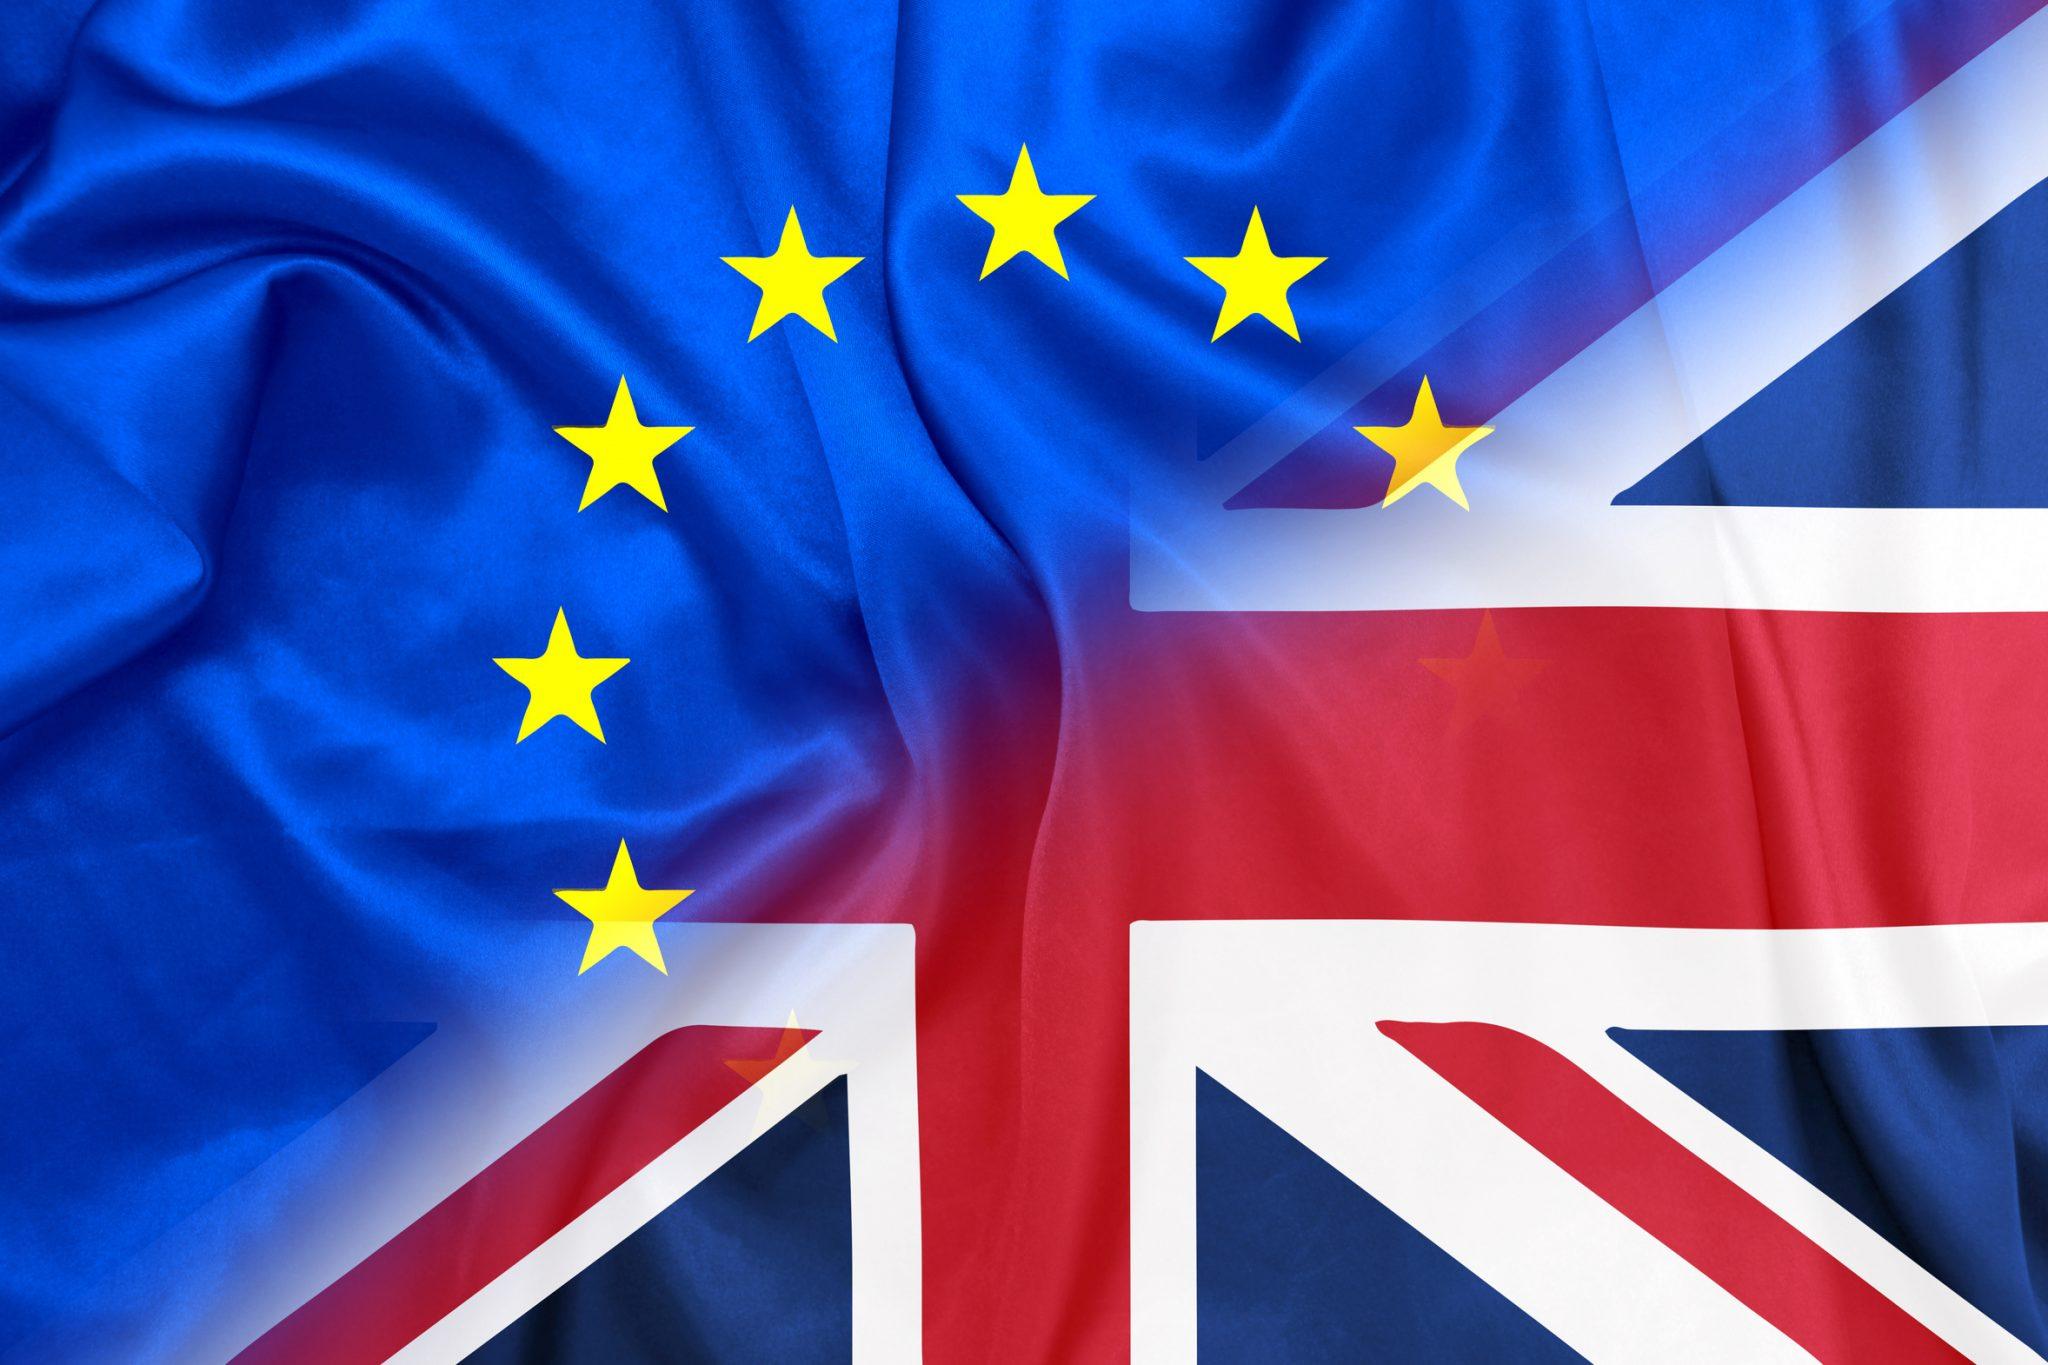 Britische .eu-Domains bleiben bestehen